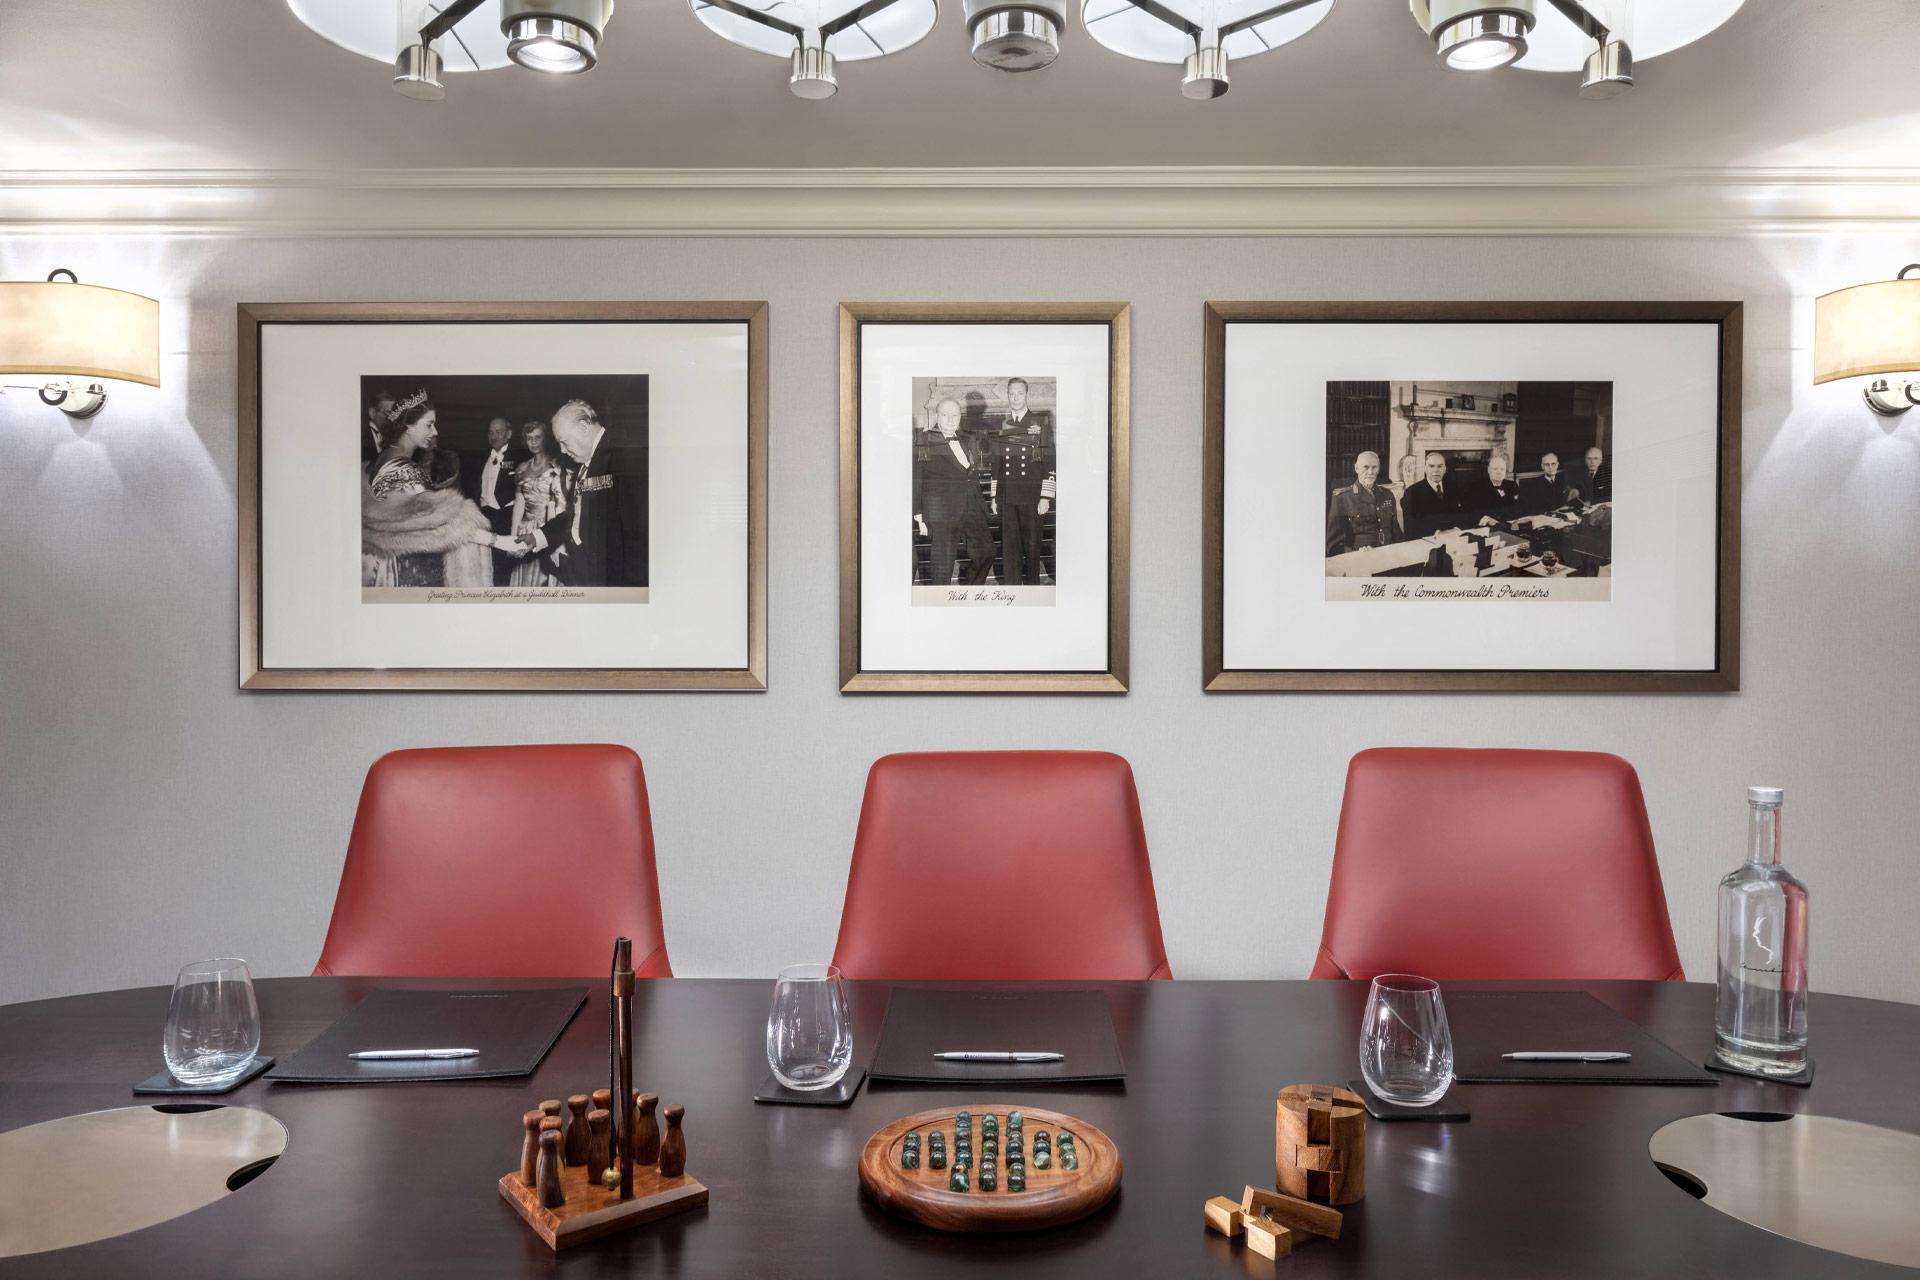 The Boardrooms at Hyatt Regency London - The Churchill